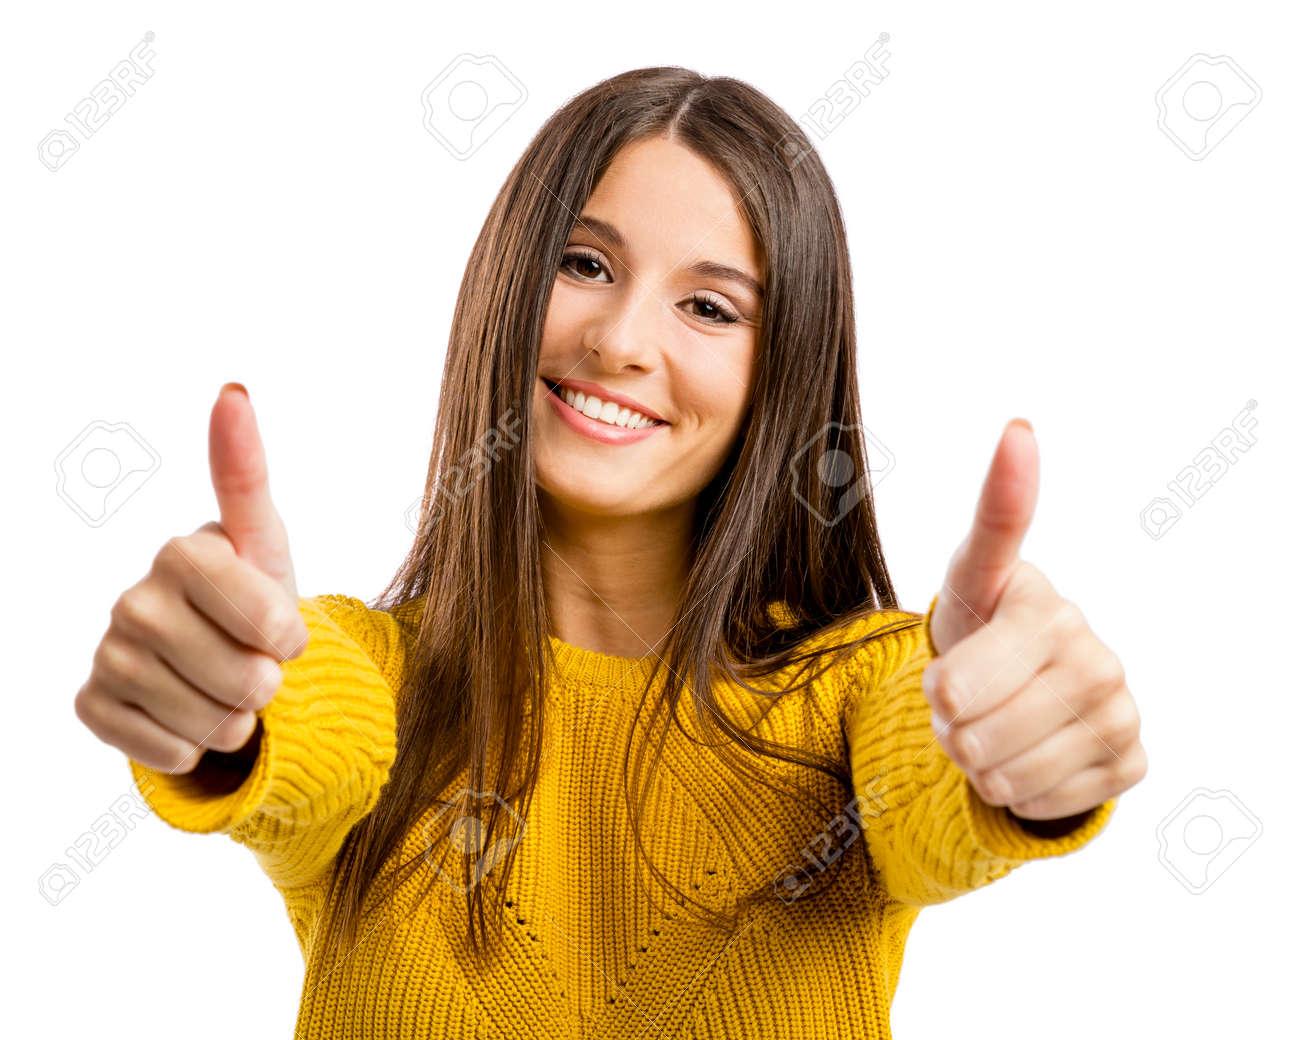 54859cbebb Schöne und glückliche Frau mit Daumen hoch, isoliert auf weißem Hintergrund  Standard-Bild -